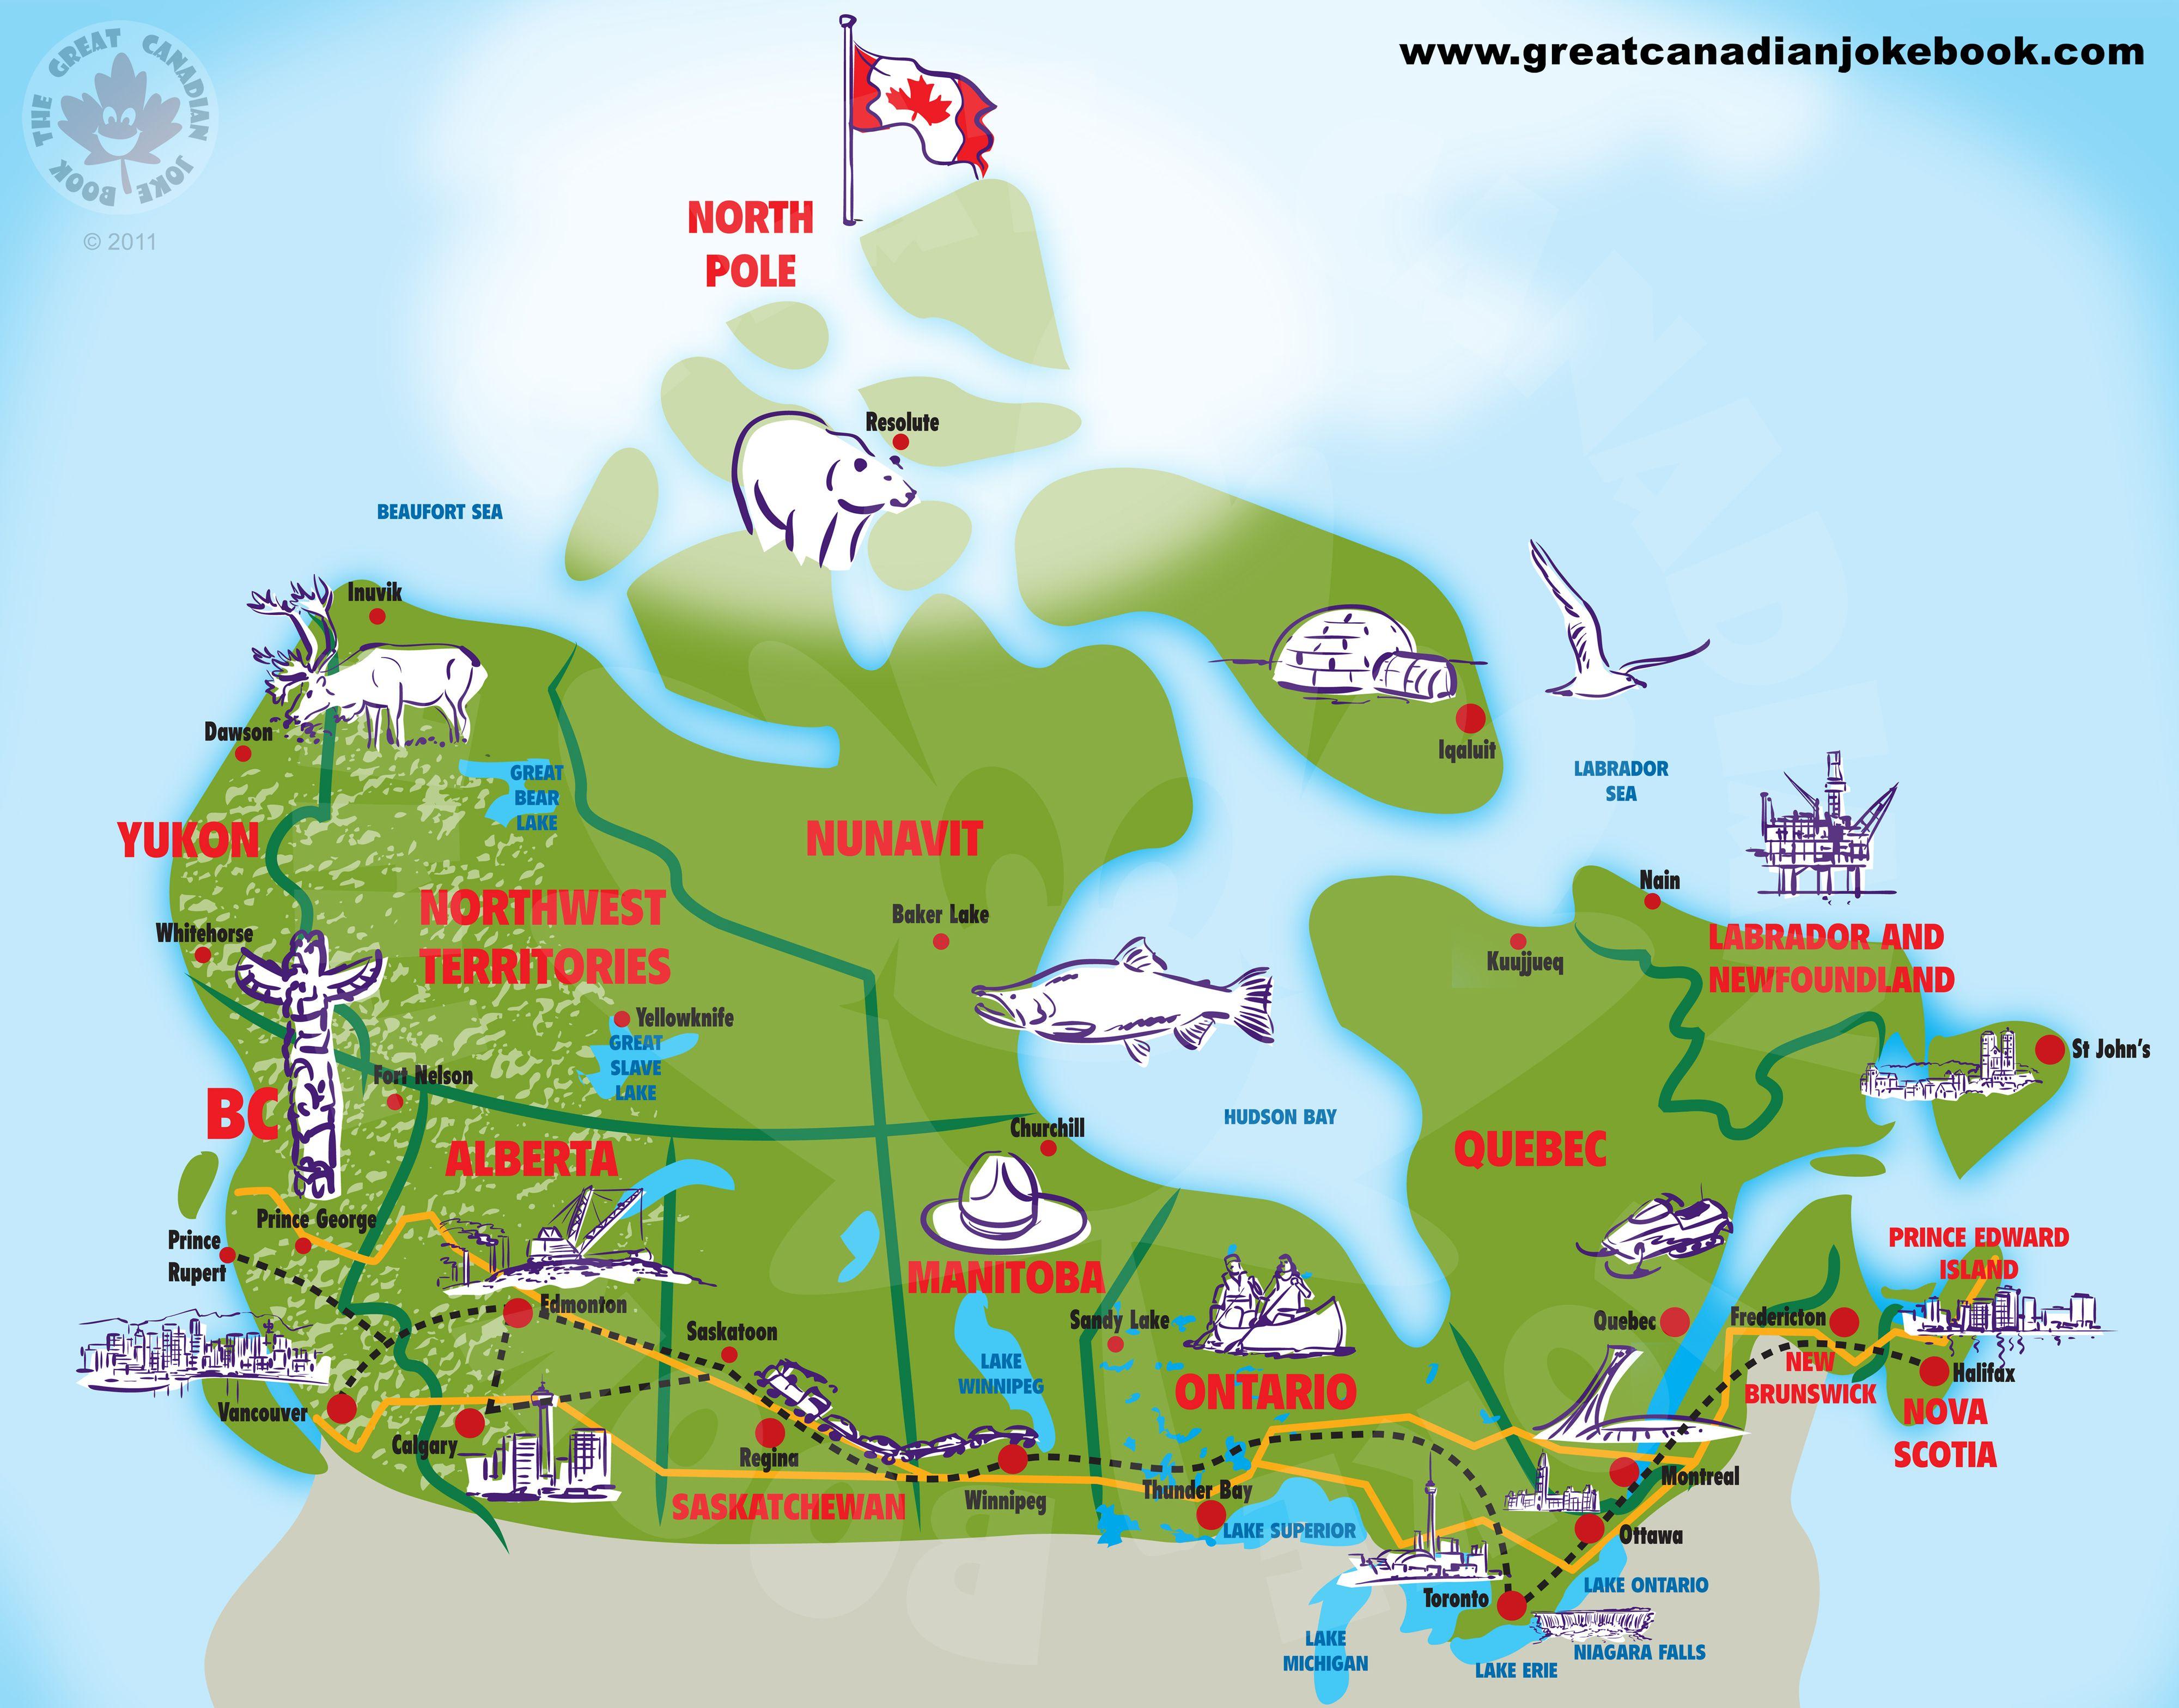 Cartoon Canada Map The Great Canadian Jokebook madhurao787